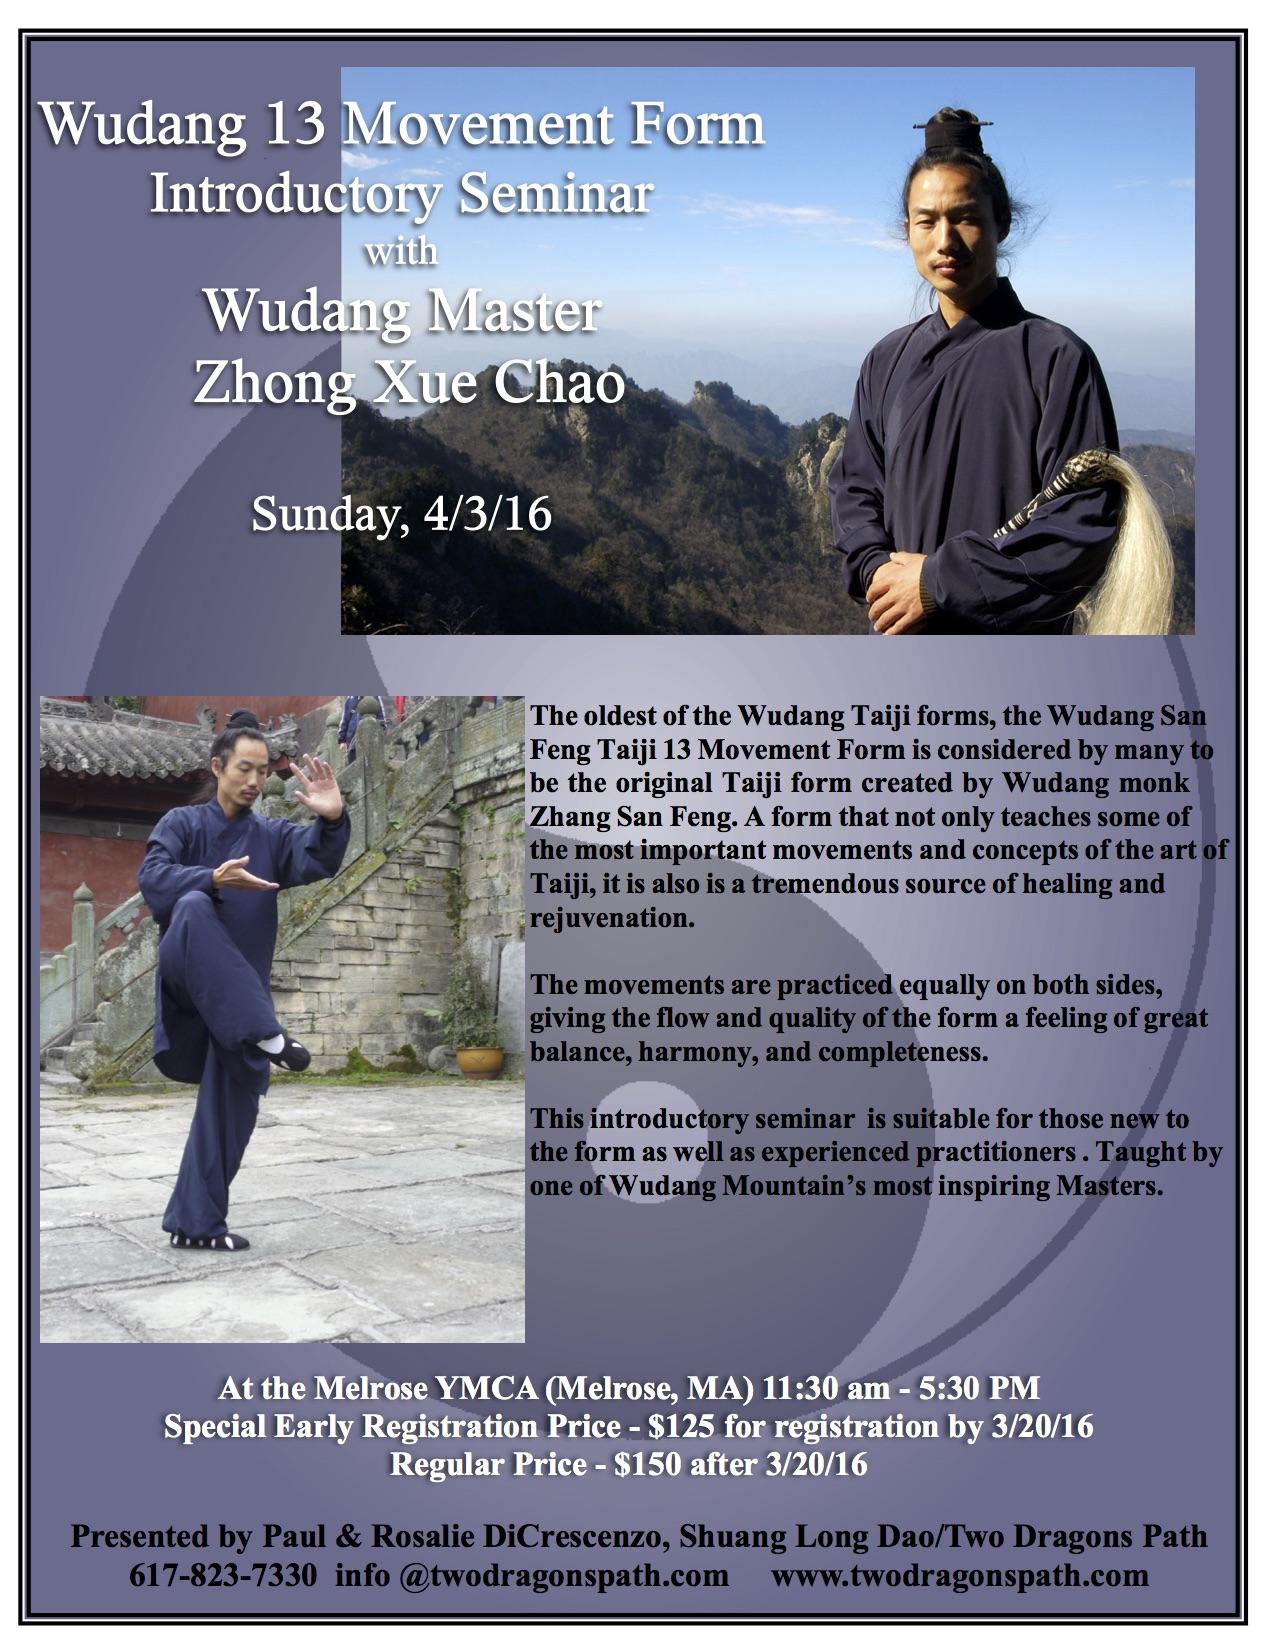 Wudang tai Chi 13 movement form